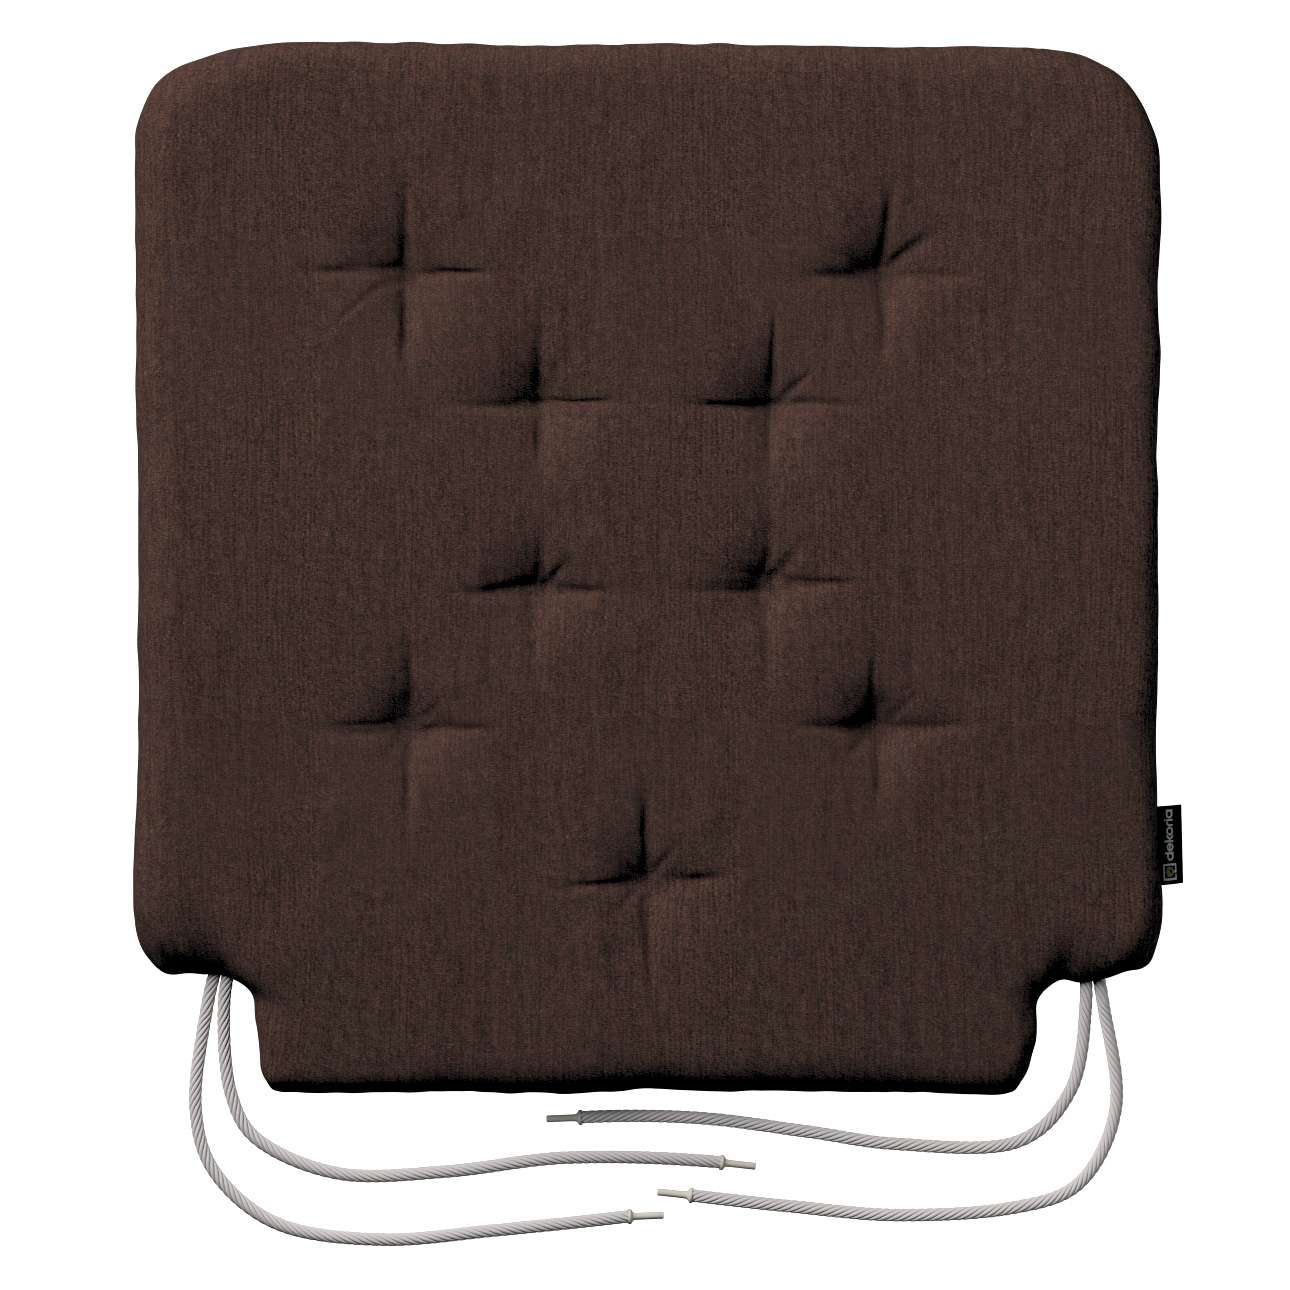 Siedzisko Olek na krzesło 42x41x3,5cm w kolekcji Chenille, tkanina: 702-18